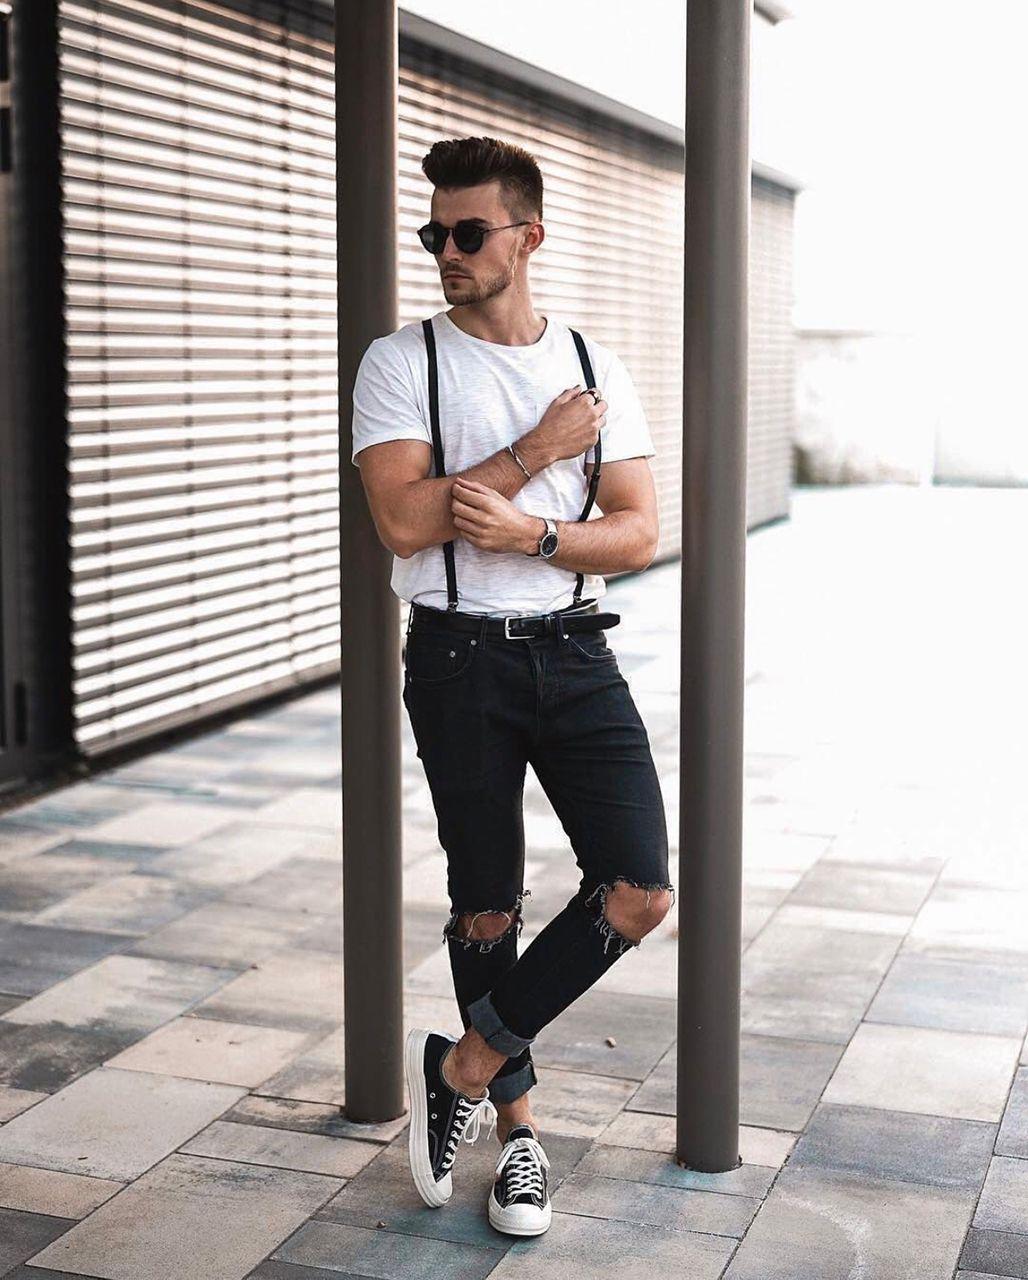 Look masculino retrô anos 50 com camiseta por dentro da calça. Vejam as  outras tendências de moda masculina dos últimos 100 anos no blog Marco da  Moda ... 76627128c3